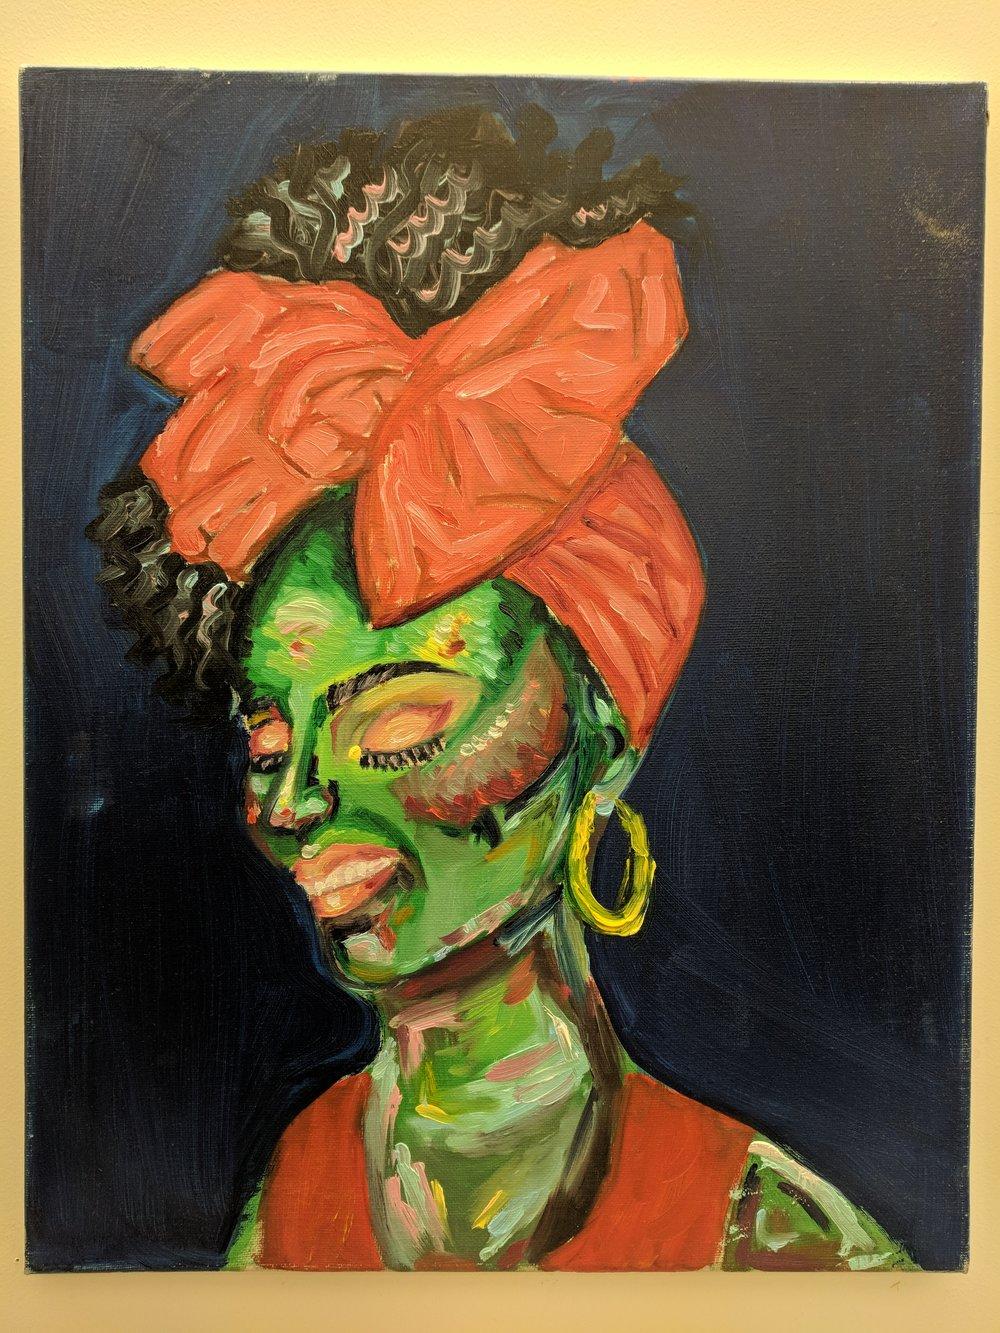 Self-Portrait by Jeni